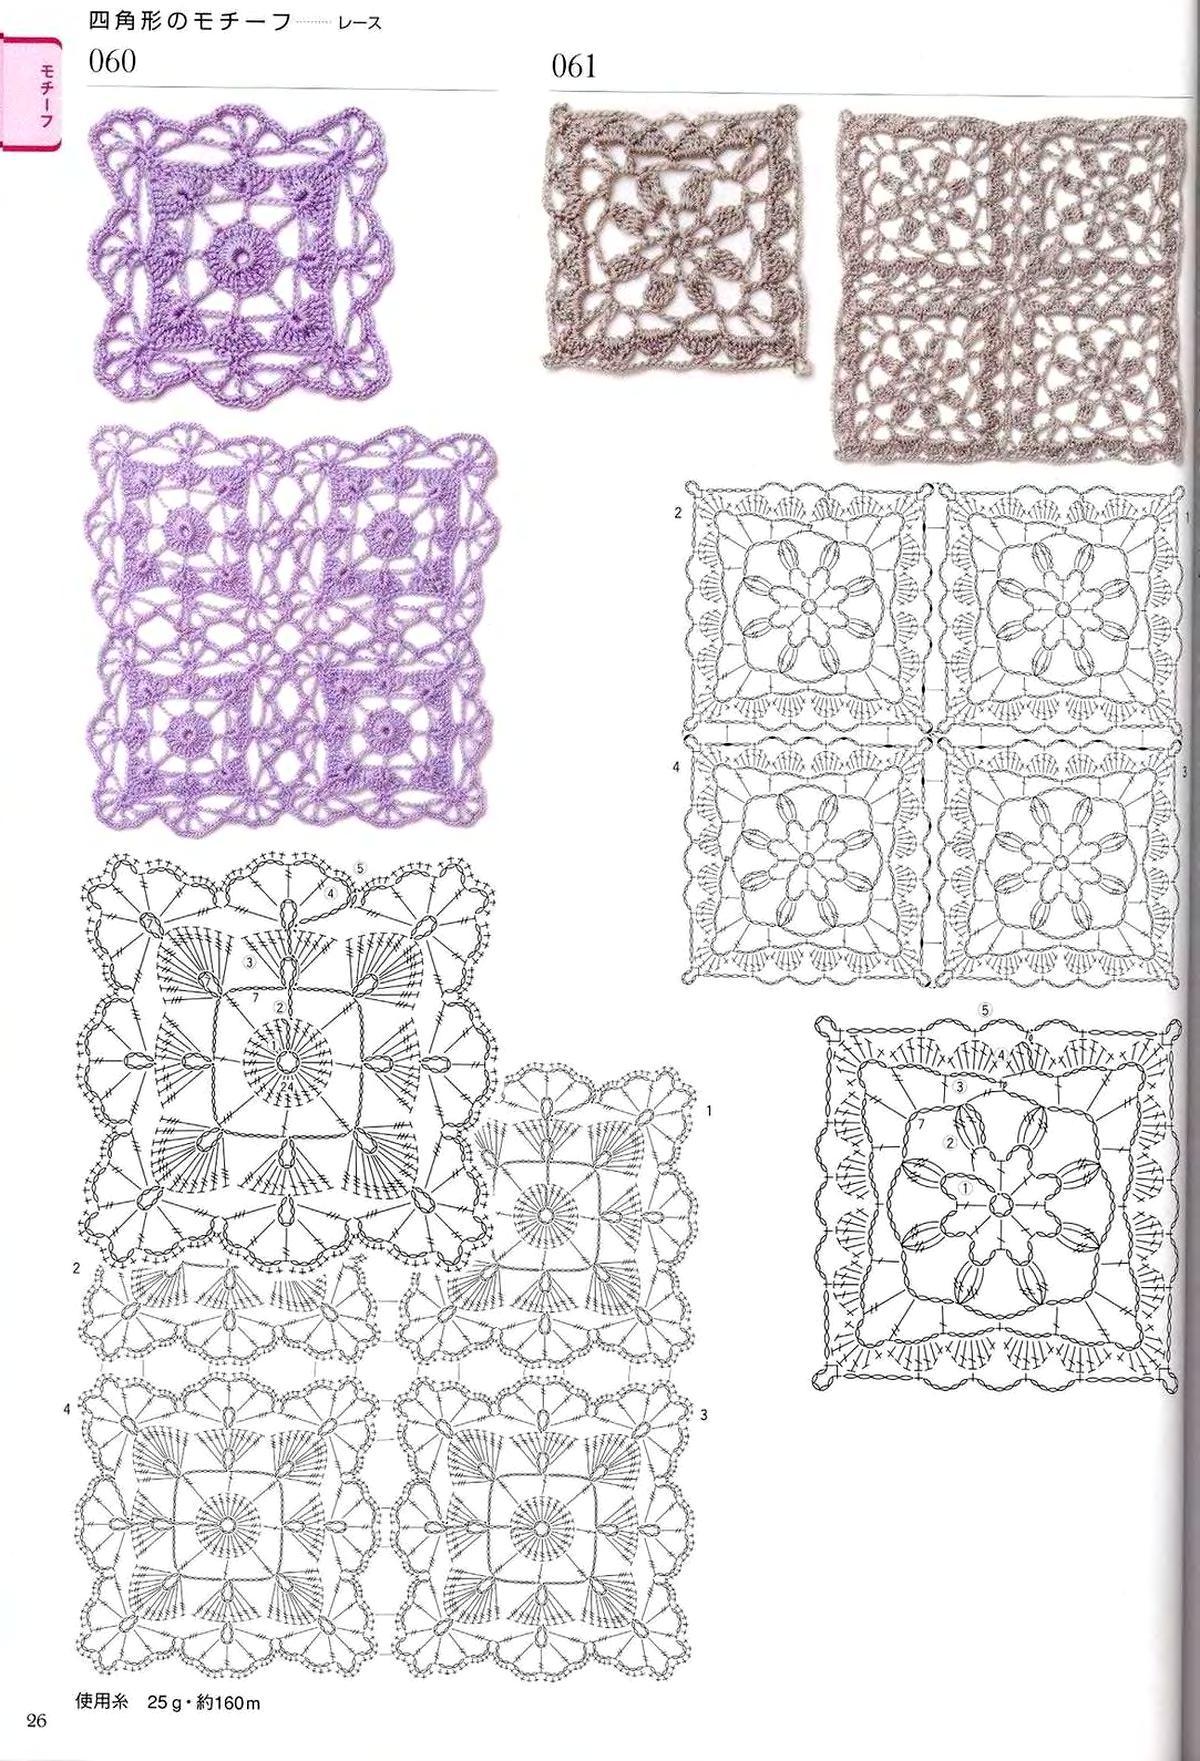 91 nuove mattonelle bertafilava - Colorare le mattonelle ...